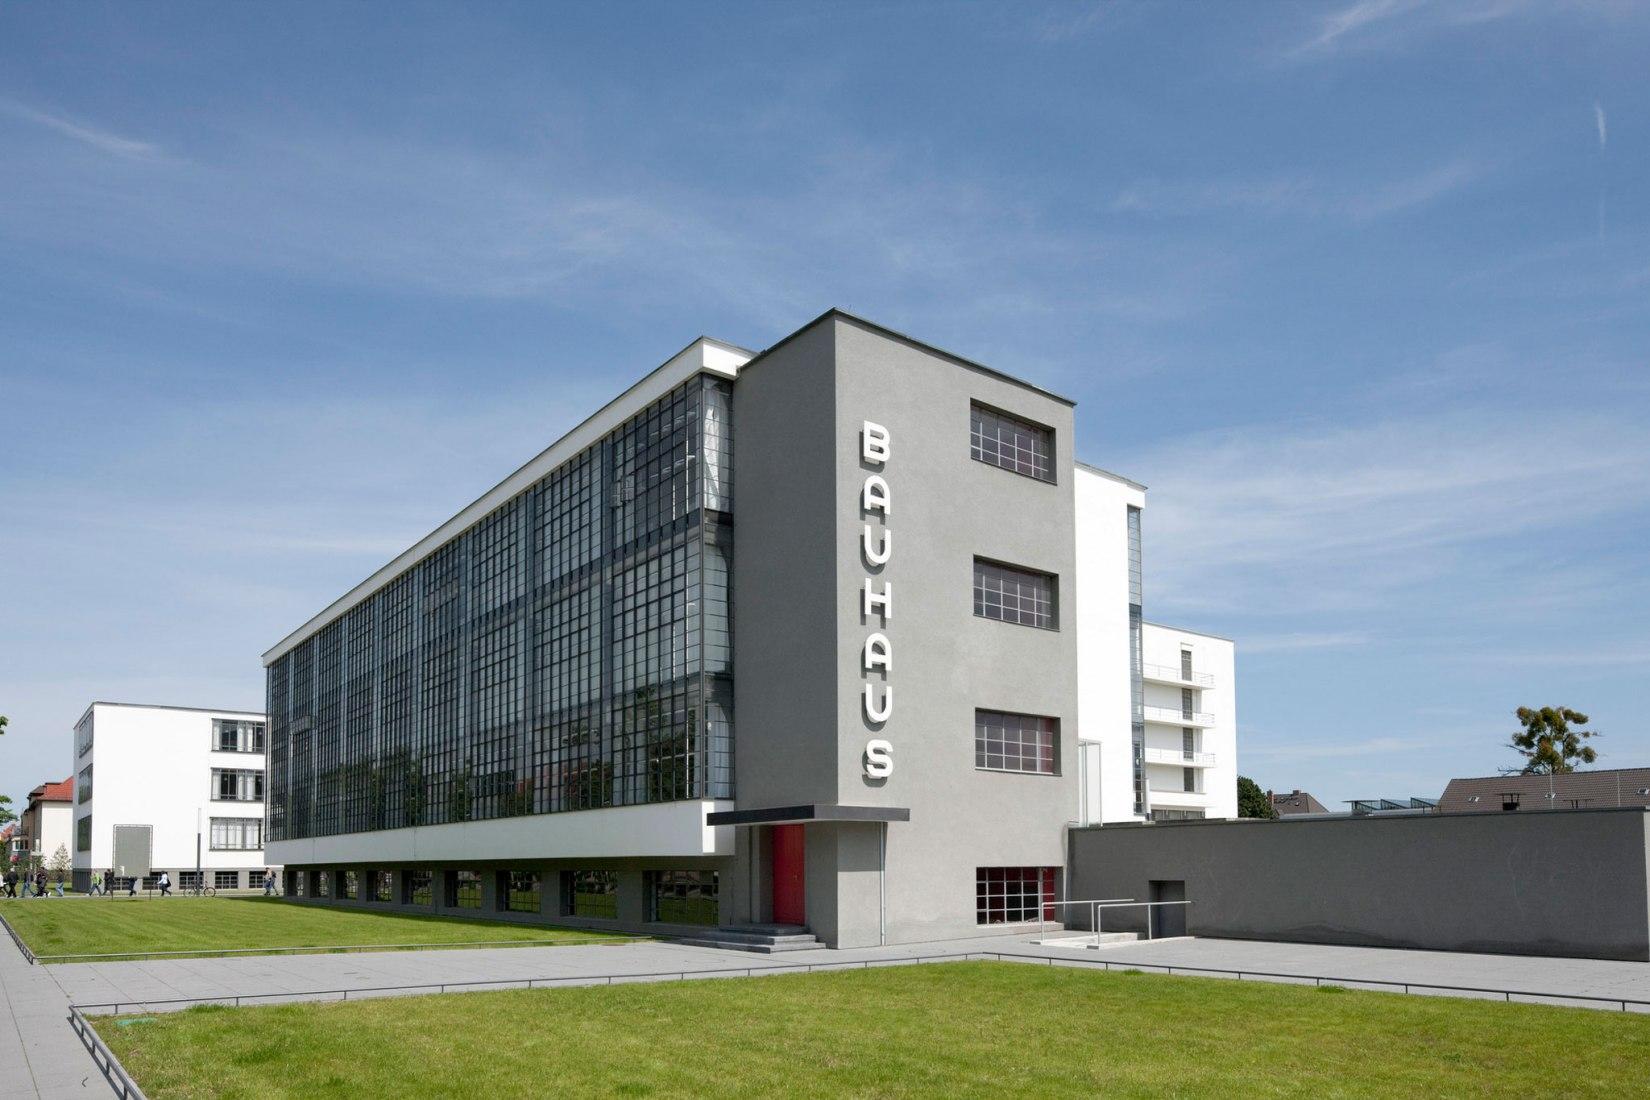 Walter Gropius, Bauhaus, Dessau, 1925–1926. Fotografía por Tadashi Okochi. © Pen Magazine, 2010, Stiftung Bauhaus Dessau